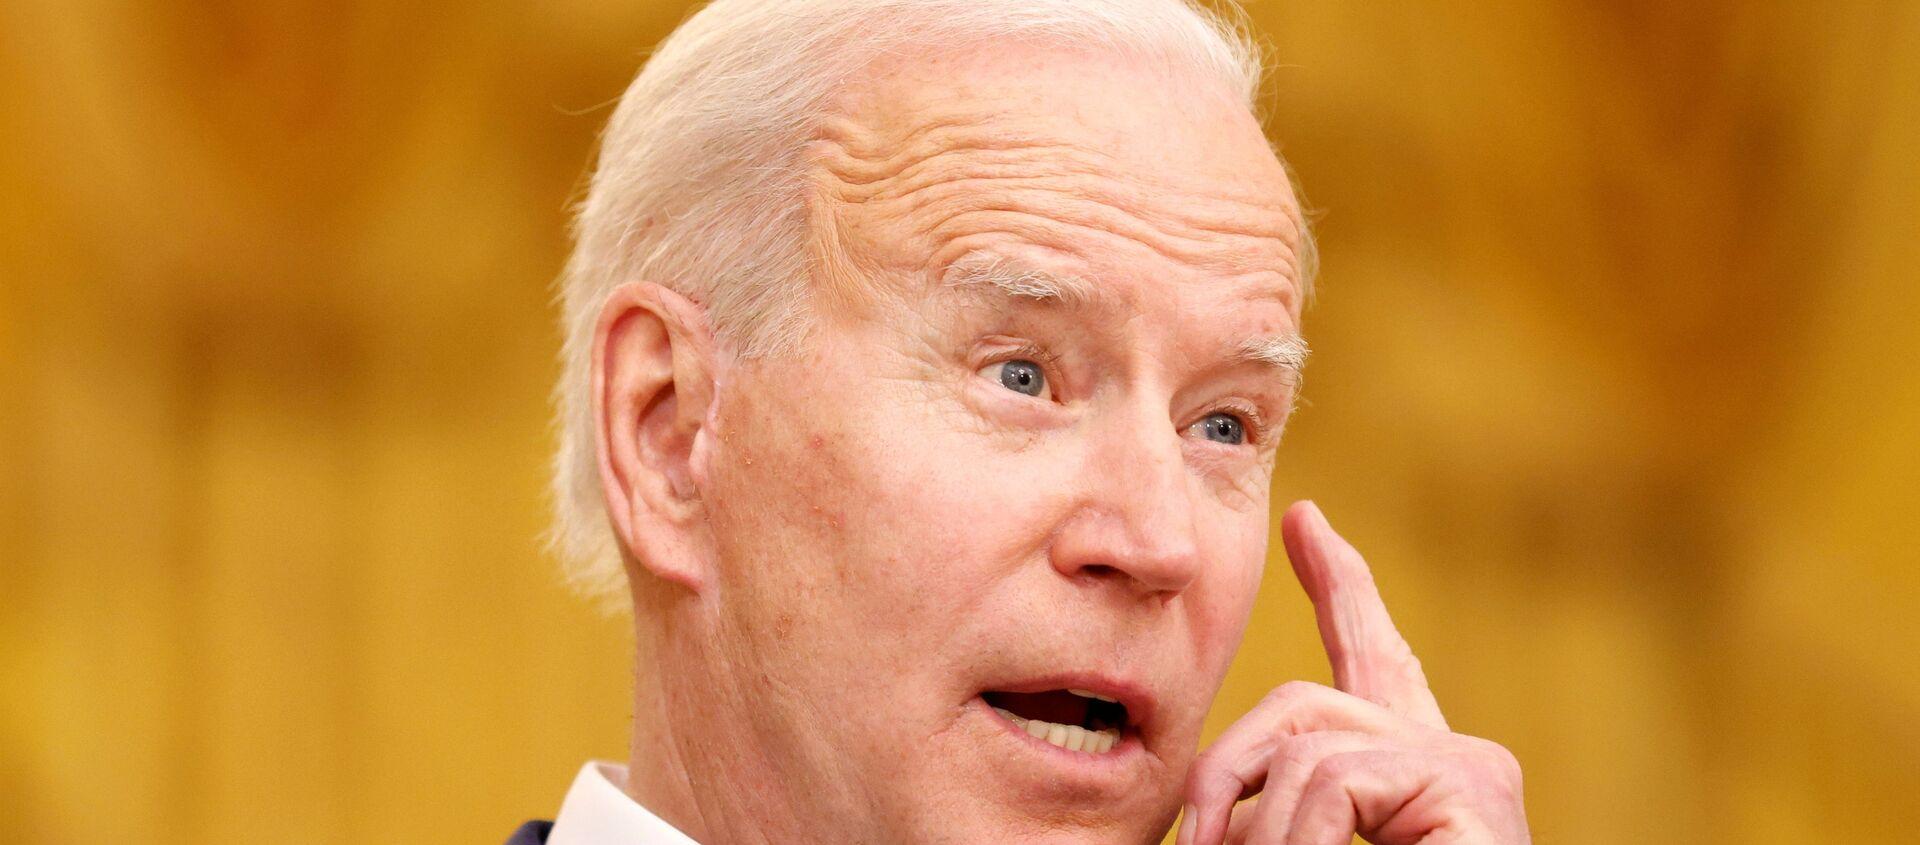 Tổng thống Biden tổ chức một sự kiện vào Ngày Quốc tế Phụ nữ tại Nhà Trắng ở Washington - Sputnik Việt Nam, 1920, 17.03.2021